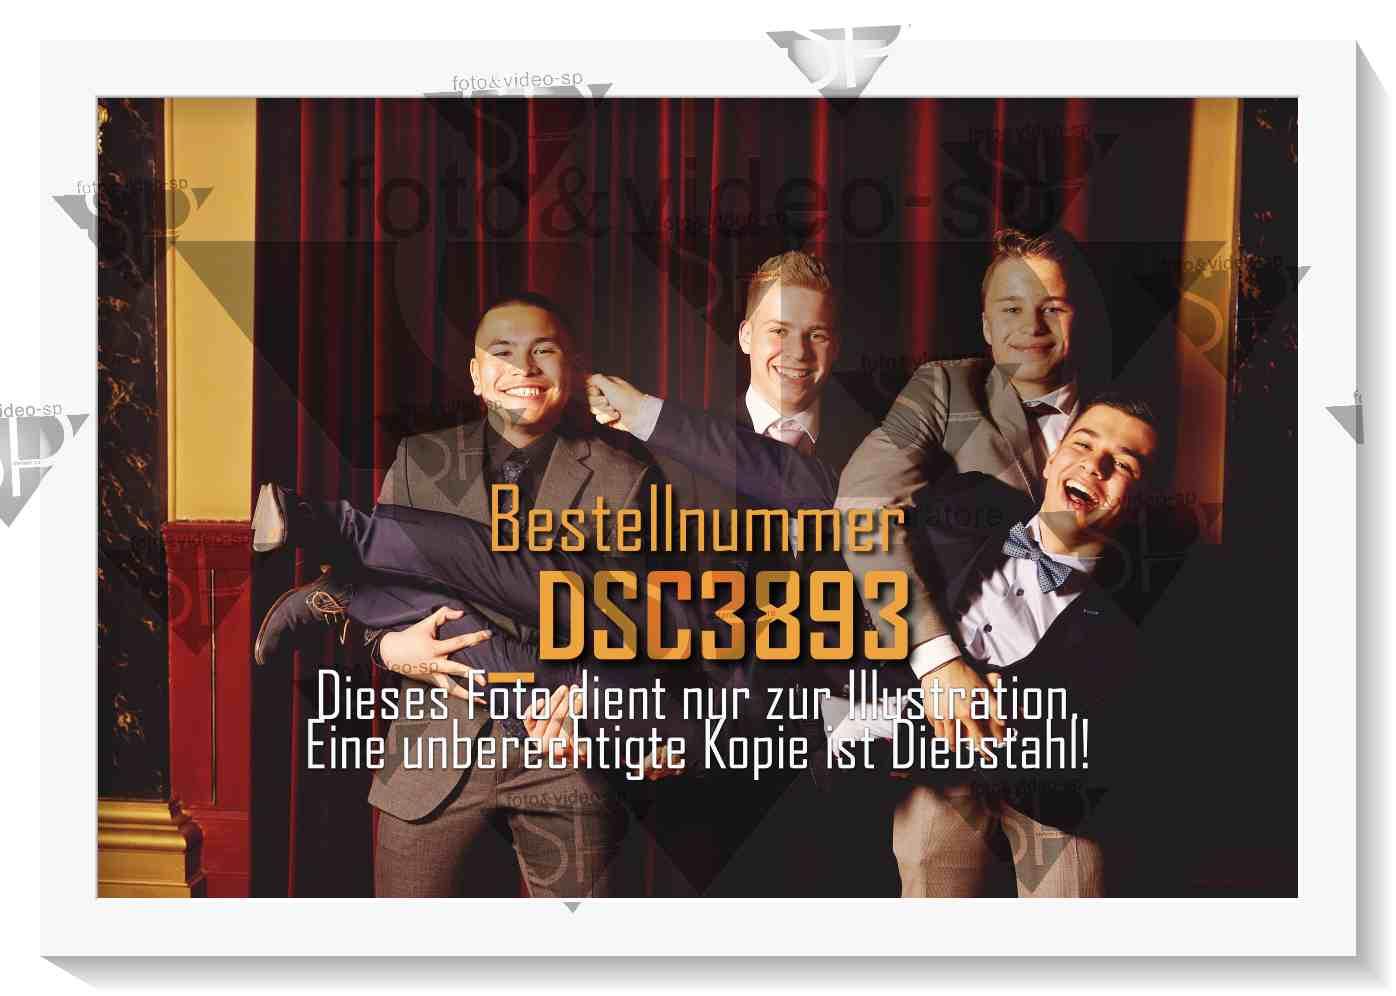 DSC3893